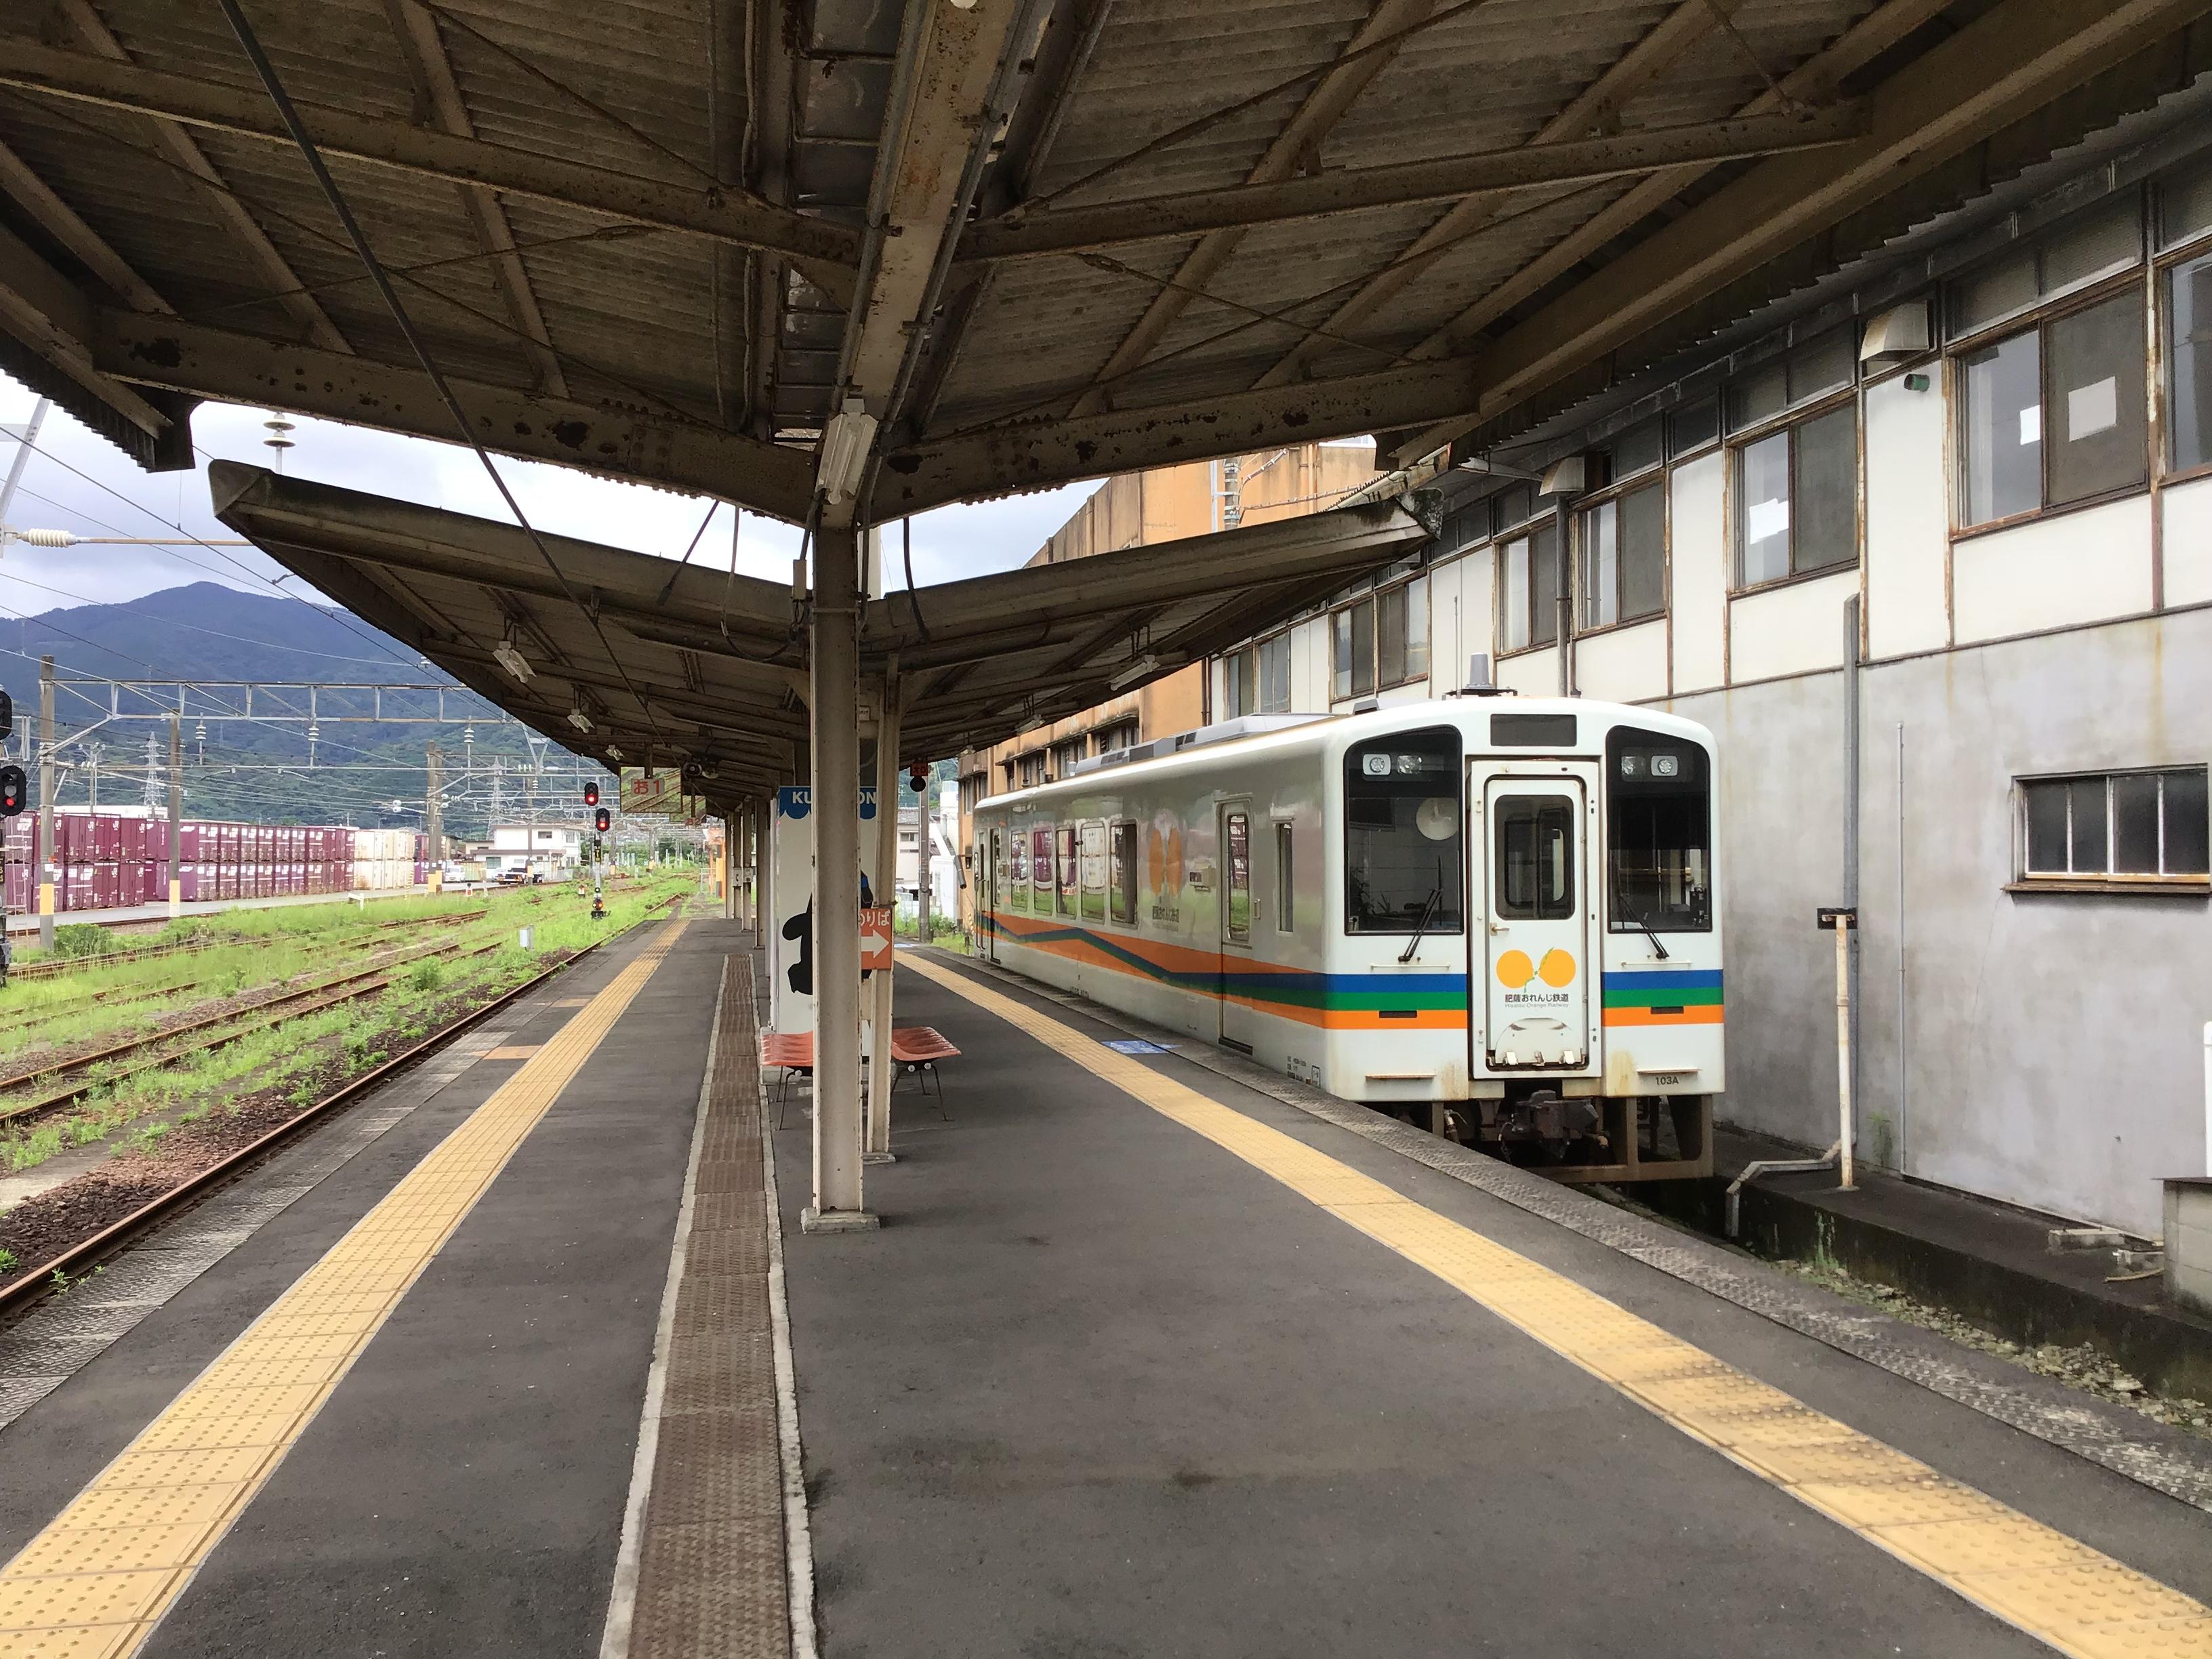 肥薩おれんじ鉄道 を訪問しました。